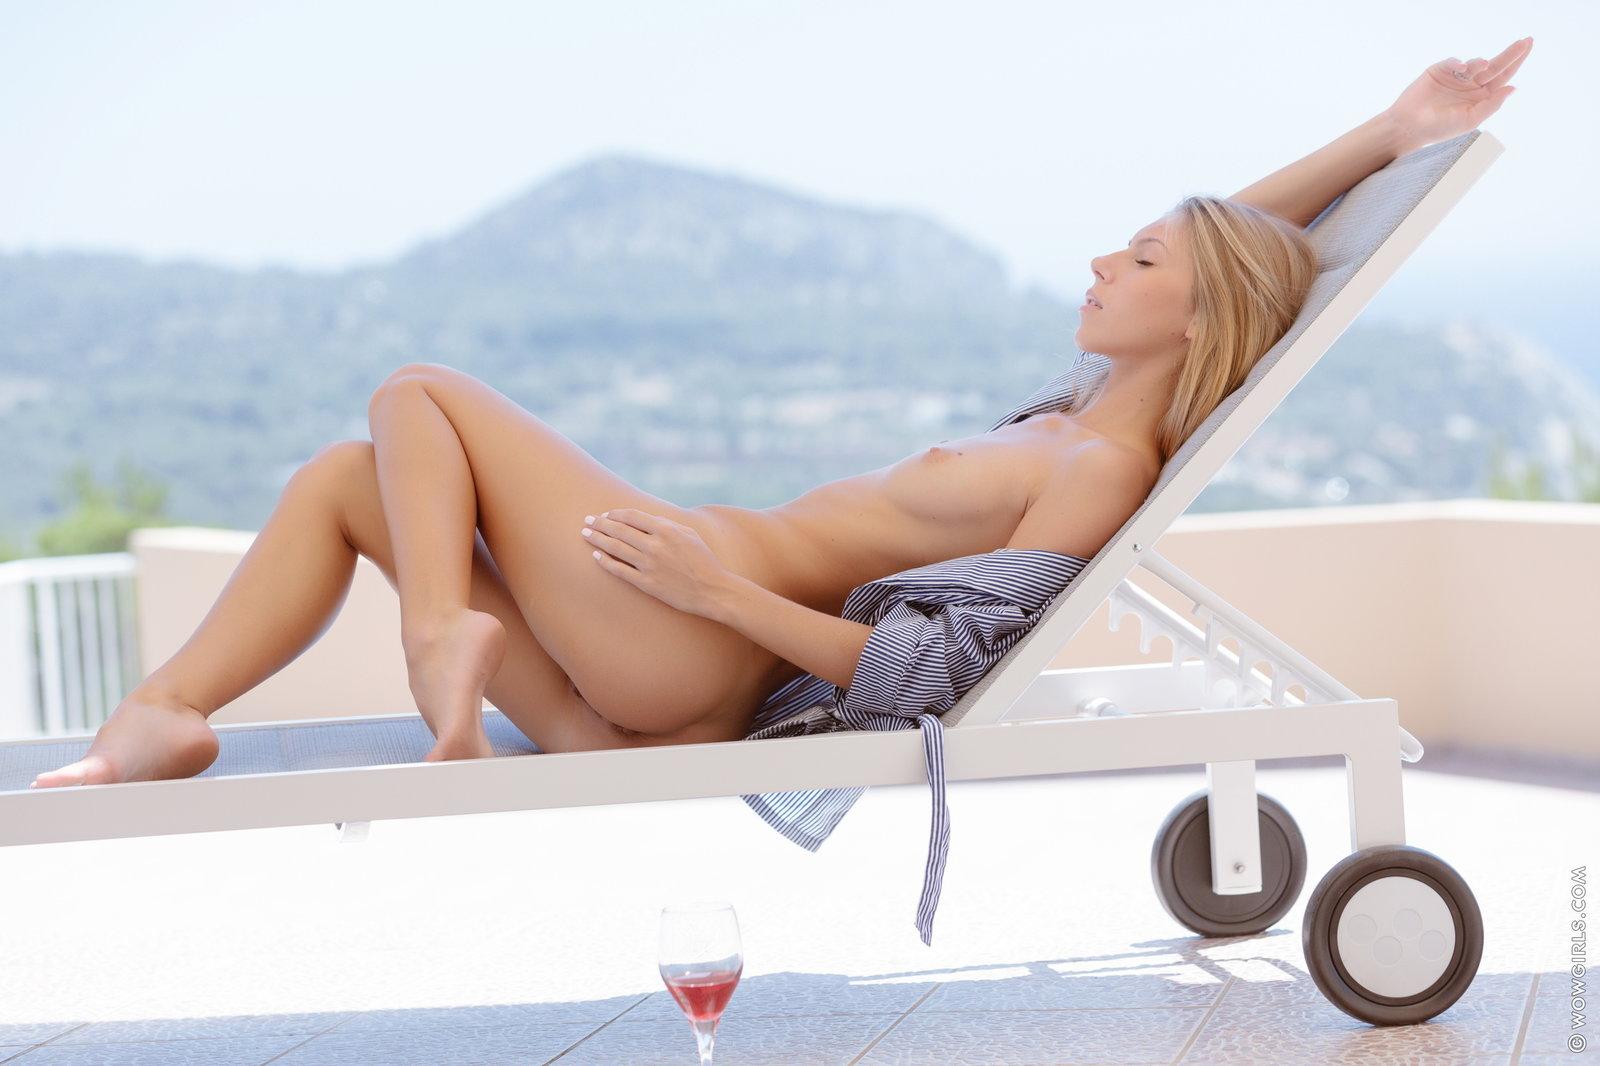 Zdjęcie porno - 053 - Zgrabna ślicznotka pije winko